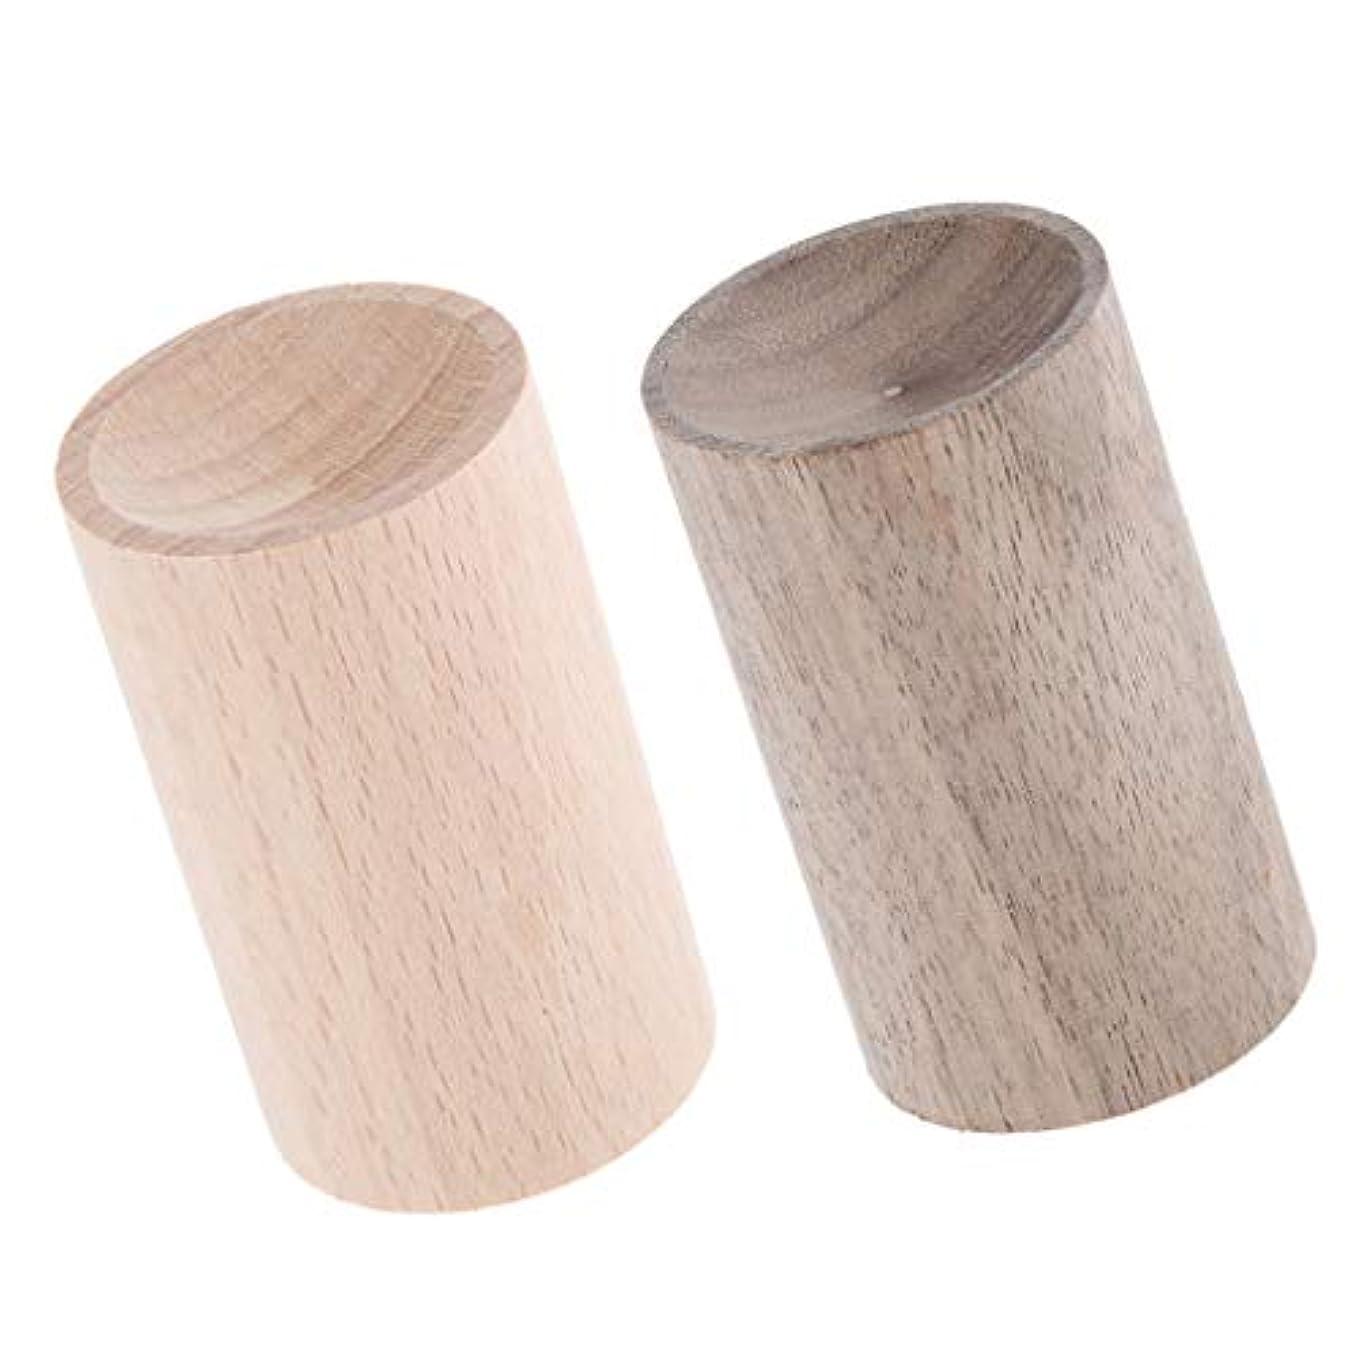 インデックス原告認識FLAMEER エッセンシャルオイルディフューザー 天然木 手作り ホーム オフィス 旅行 車用 2ピース